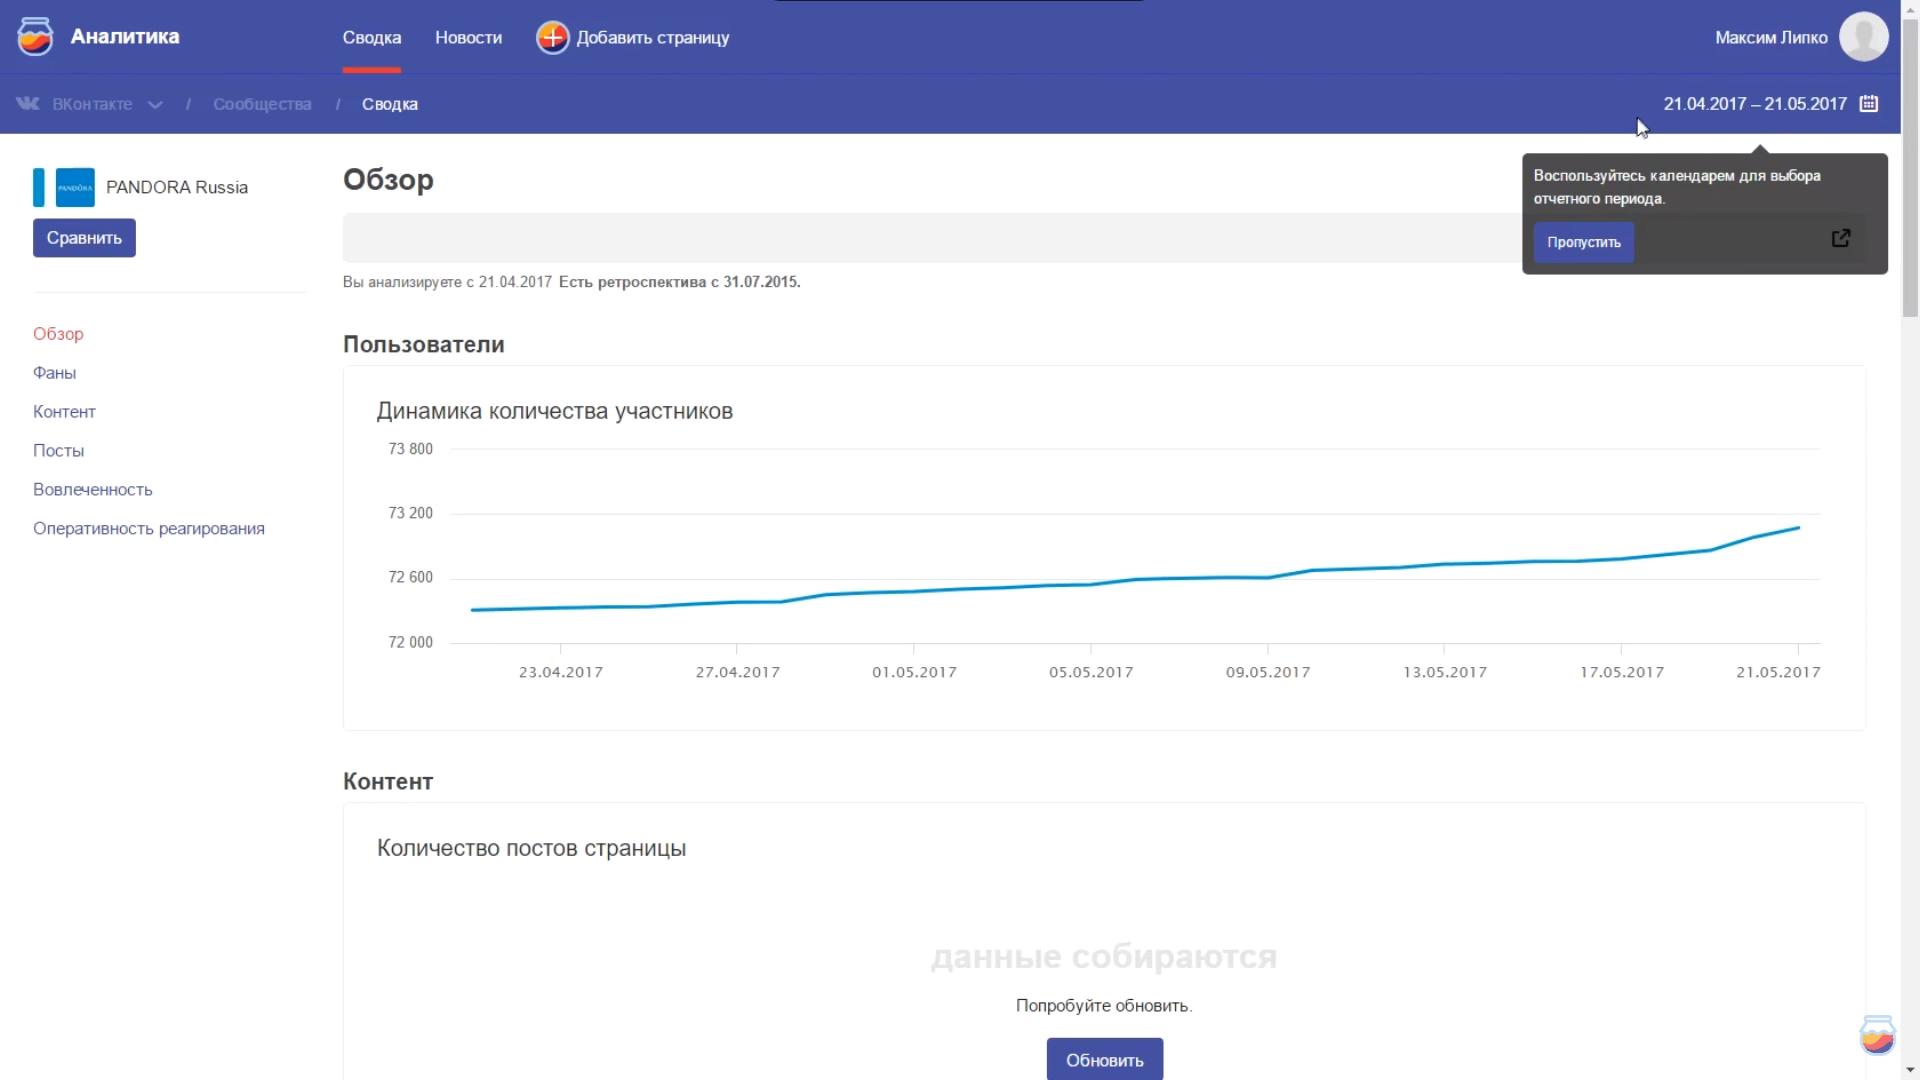 Обзор статистики канала социальной сети в программном продукте JagaJam